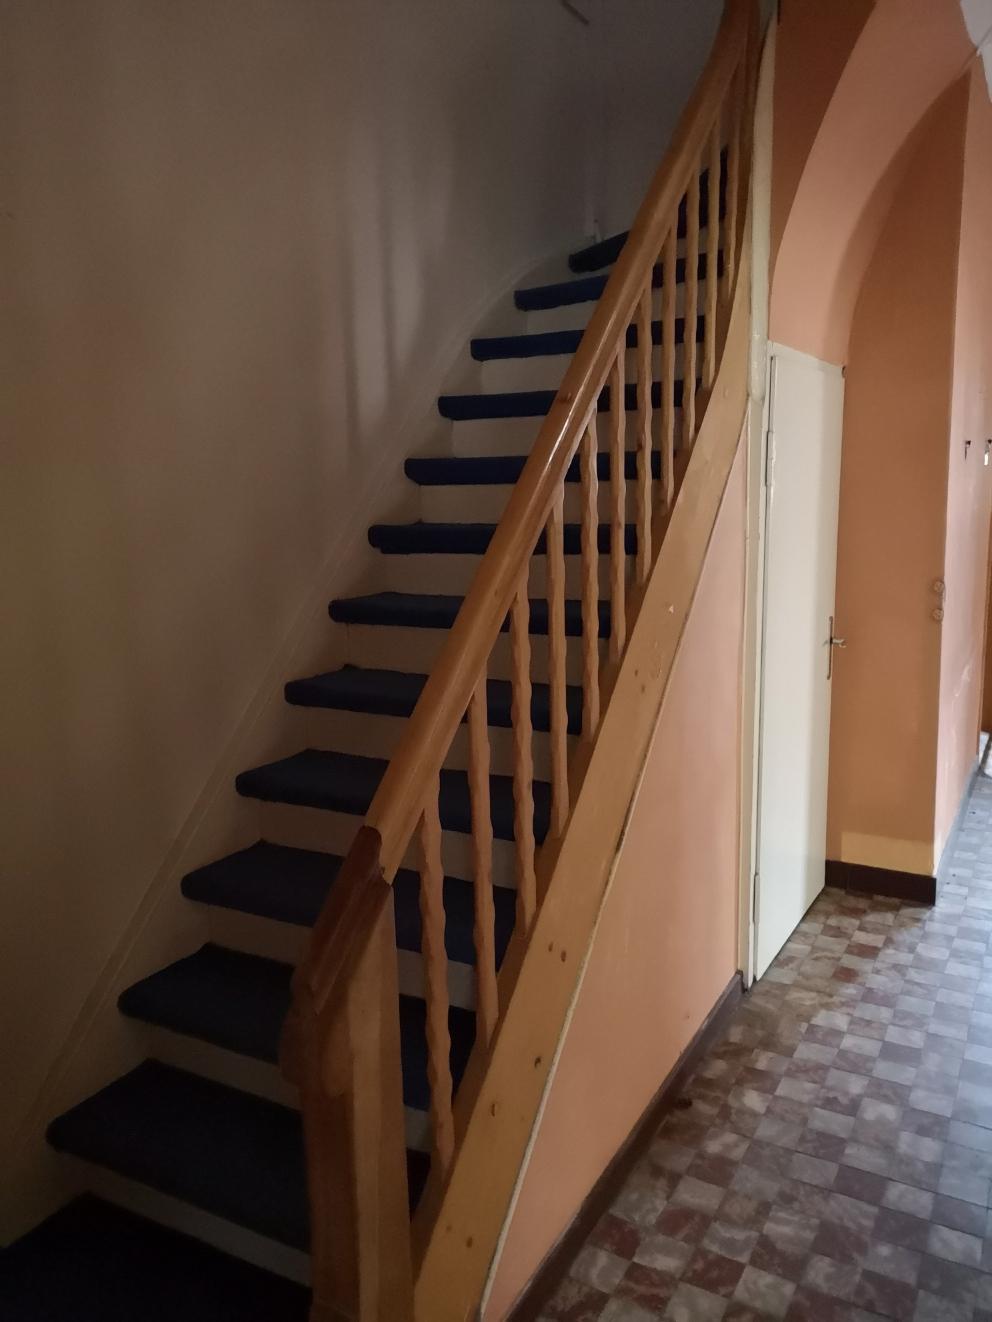 Die Treppe hat eine angenehme Steigung und ist gut und sicher begehbar. Auch im Flur originale Fliesen im guten Zustand, eine absolute Rarität!